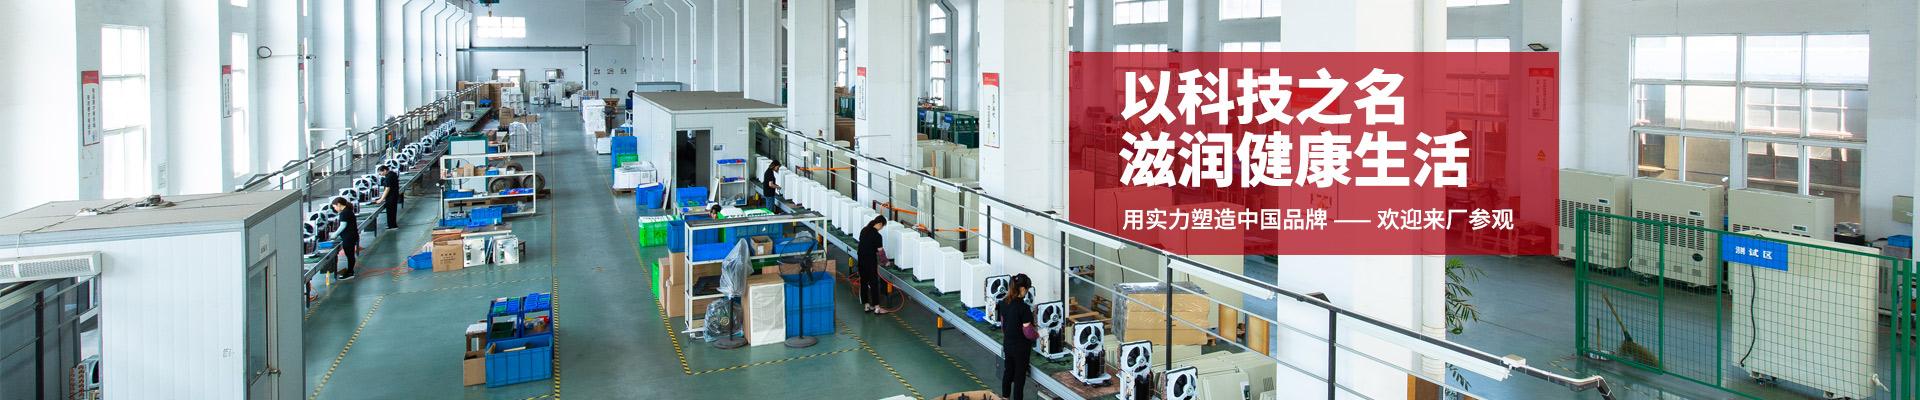 川岛,用实力塑造中国品牌